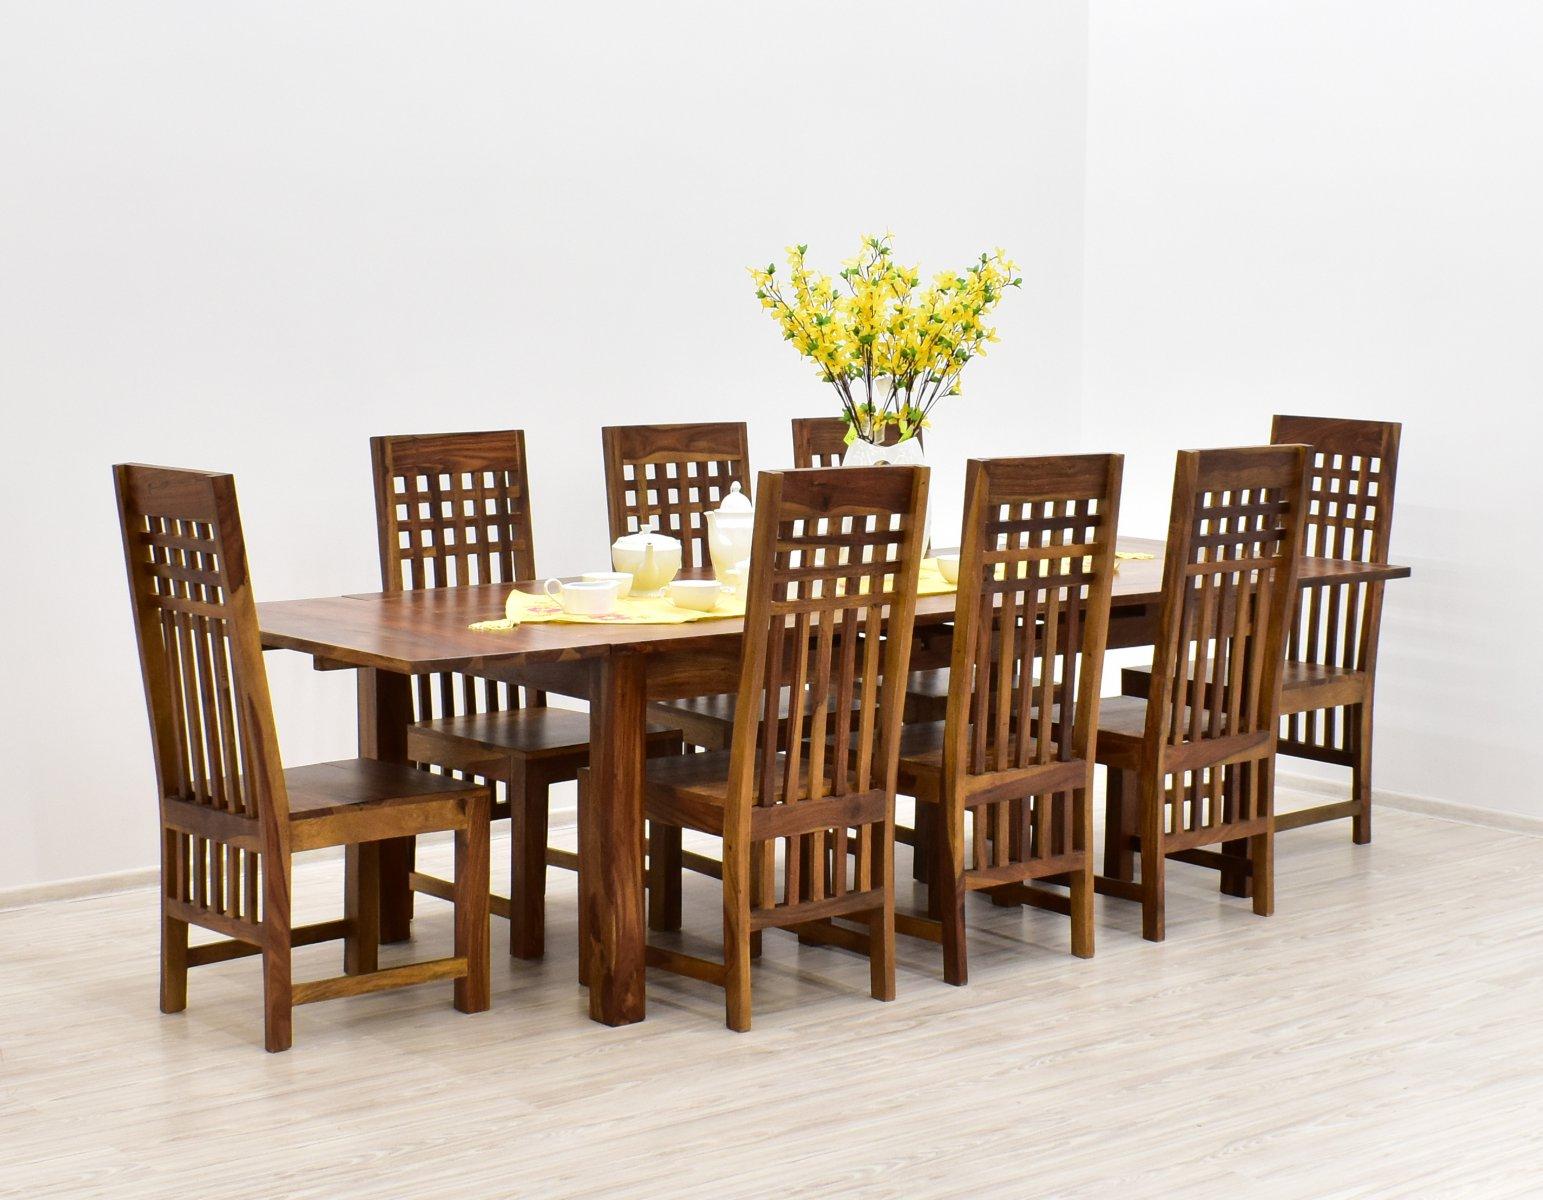 Komplet obiadowy kolonialny stół rozkładany + 8 krzeseł lite drewno palisander indyjski jasny brąz